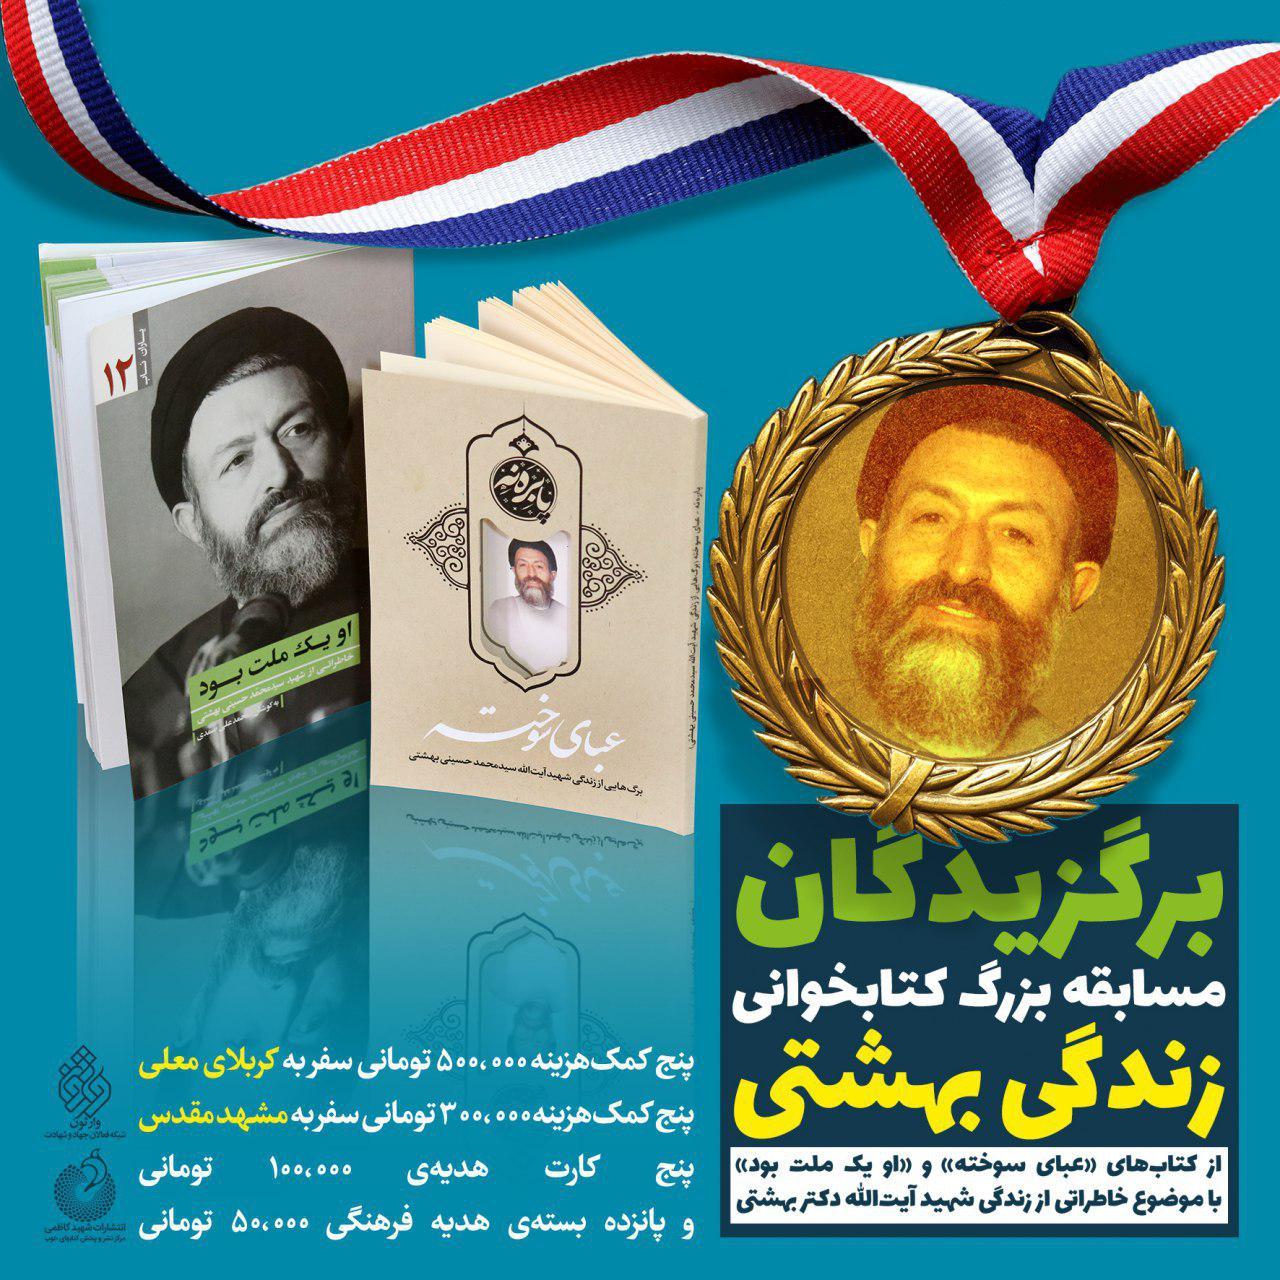 خبر: اسامی برندگان مسابقه کتابخوانی زندگی بهشتی اعلام شد.